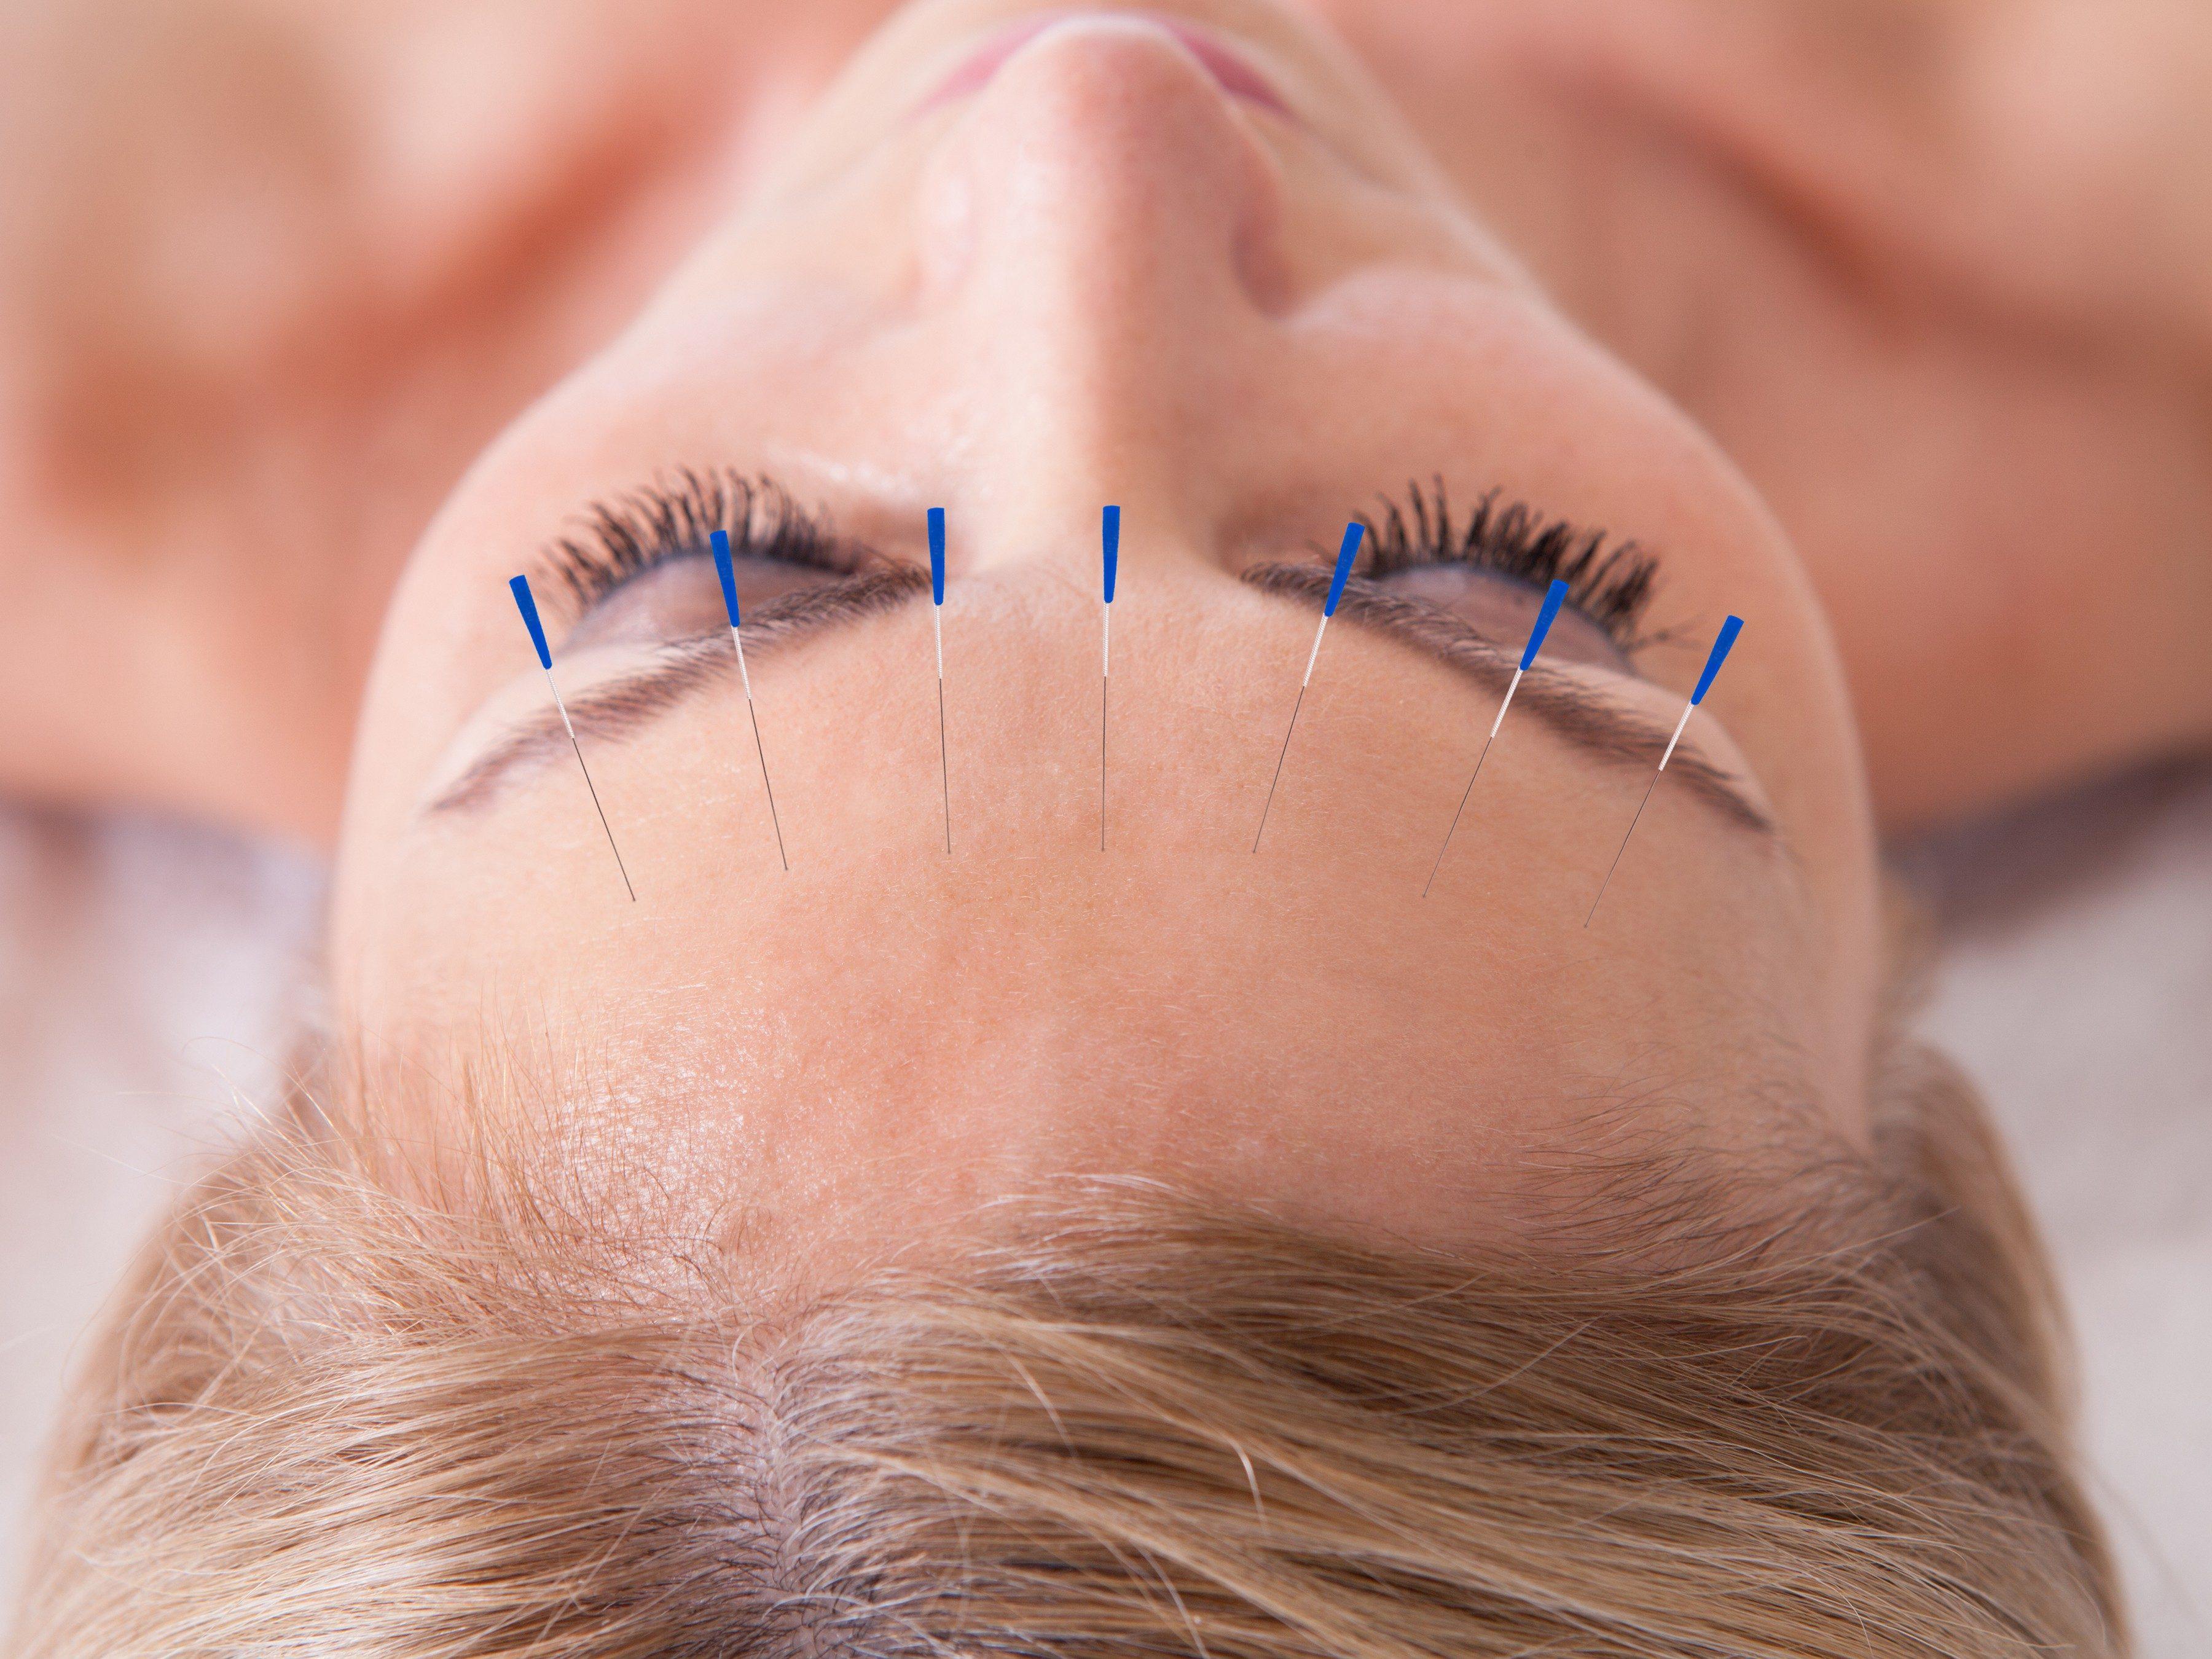 4. Acupuncture